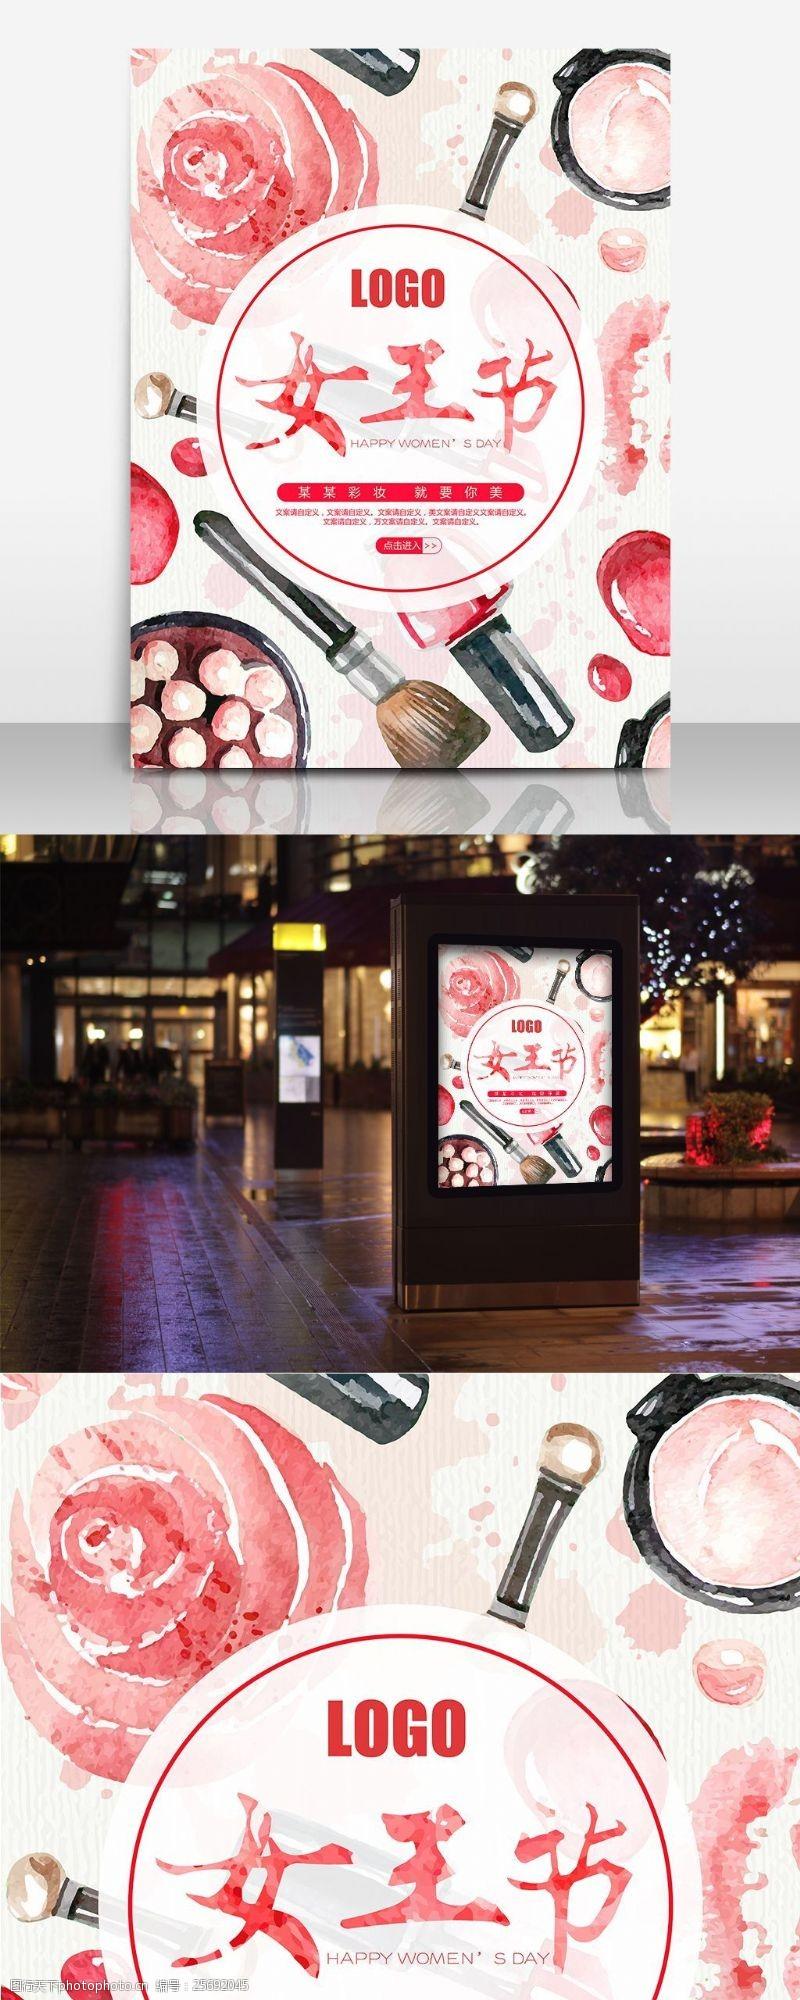 三八节宣传手绘化妆品女王节妇女节平面促销节日海报